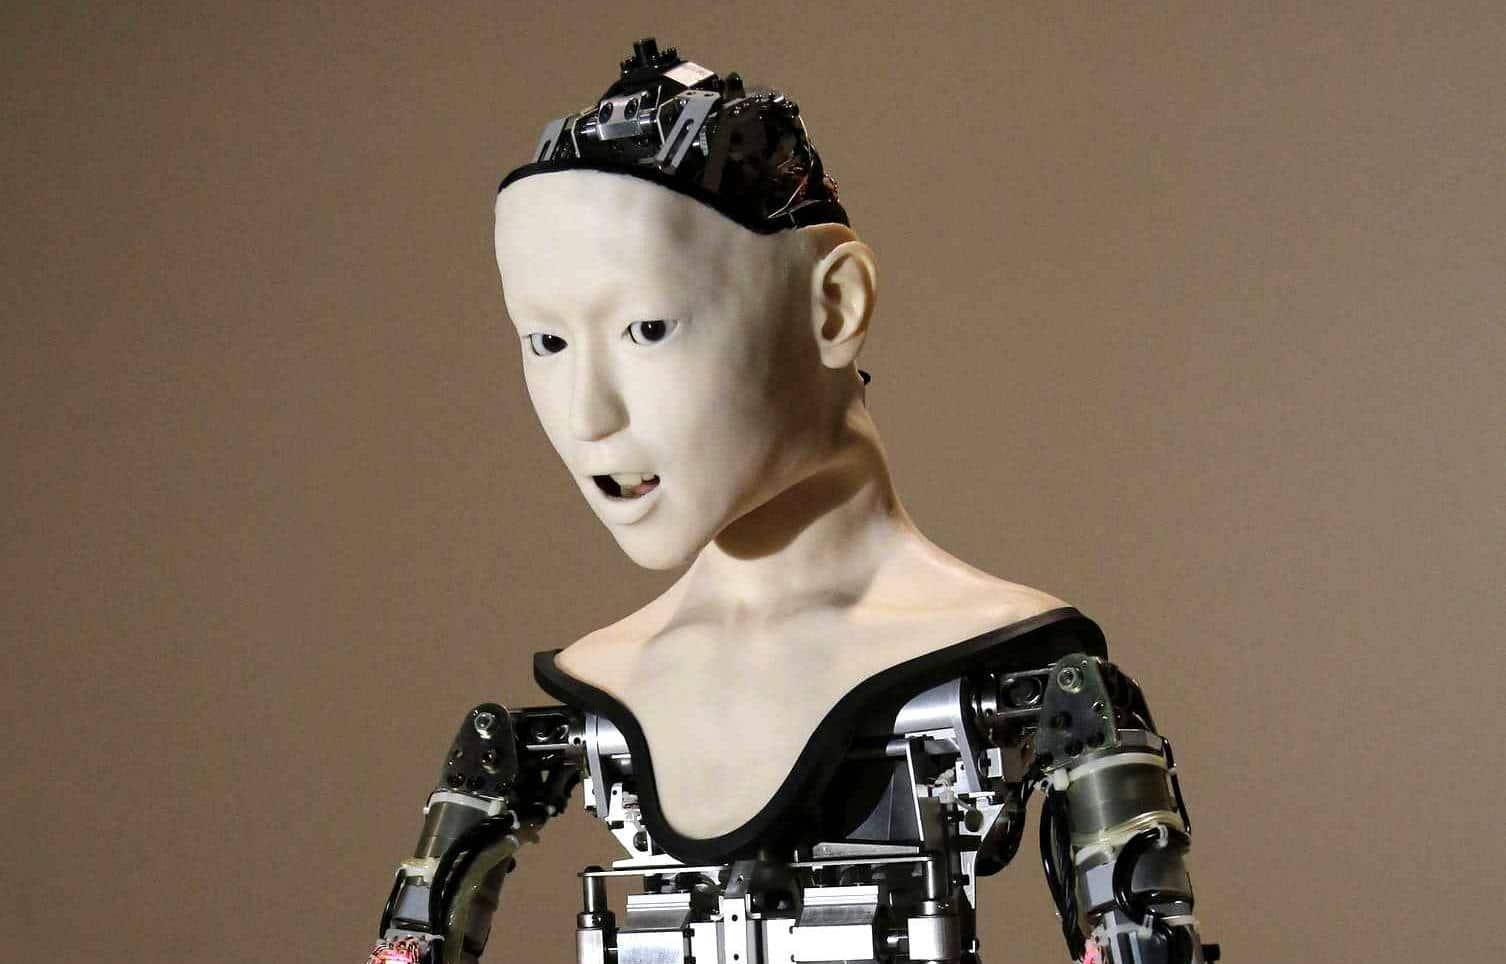 L'humanoïde Alter n'imite pas l'humain, mais développe ses propres schémas de mouvement